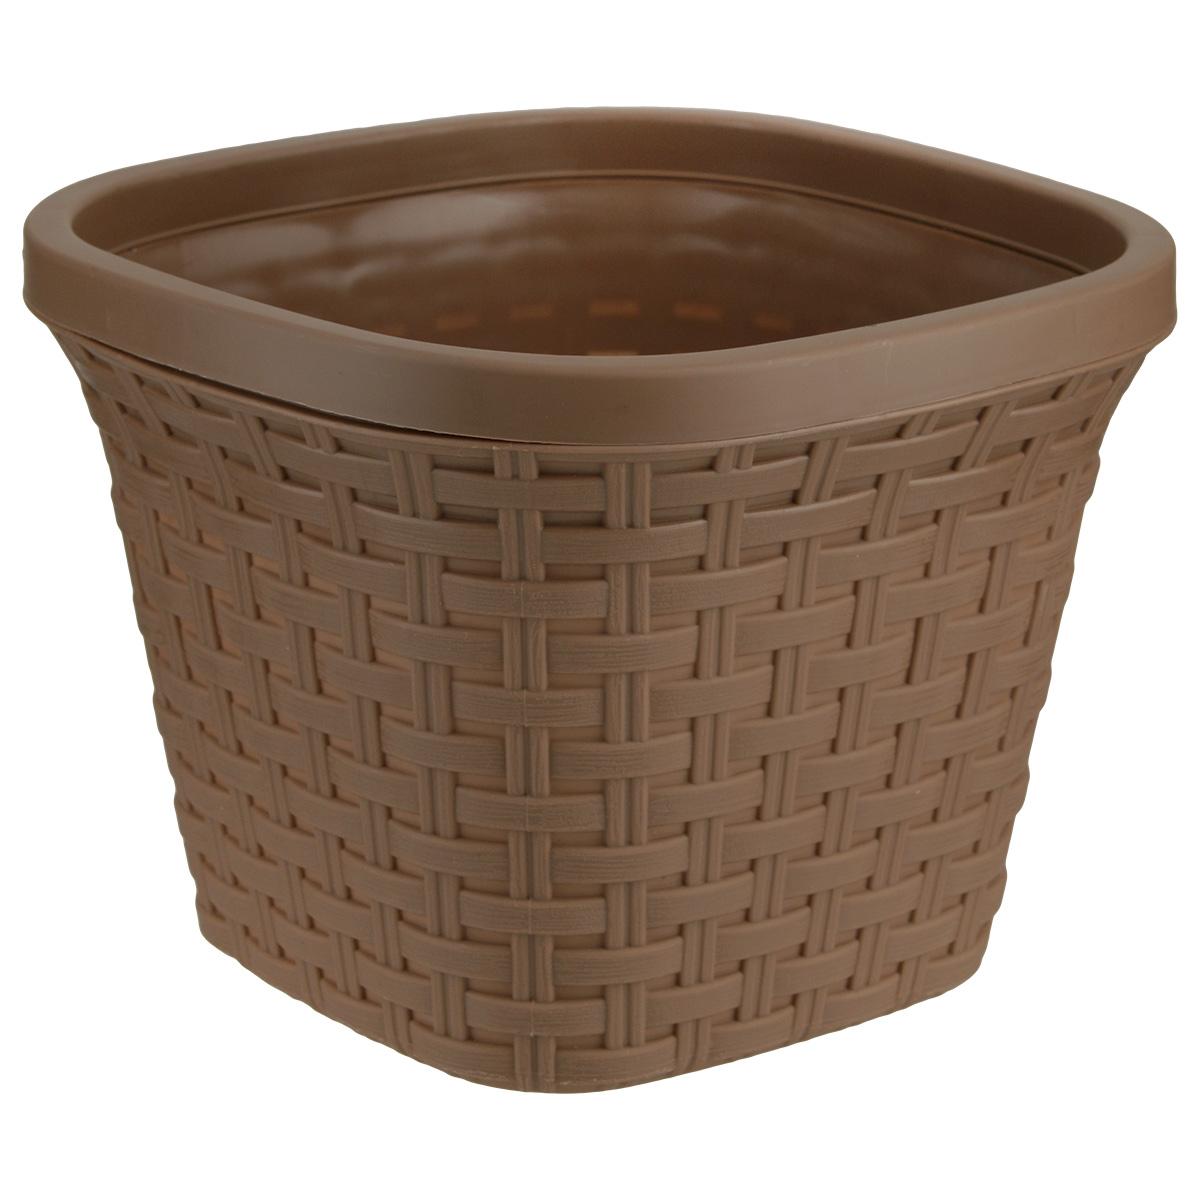 Кашпо квадратное Violet Ротанг, с дренажной системой, цвет: какао, 3,8 л33380/17Квадратное кашпо Violet Ротанг изготовлено из высококачественного пластика и оснащено дренажной системой для быстрого отведения избытка воды при поливе. Изделие прекрасно подходит для выращивания растений и цветов в домашних условиях. Лаконичный дизайн впишется в интерьер любого помещения. Объем: 3,8 л.